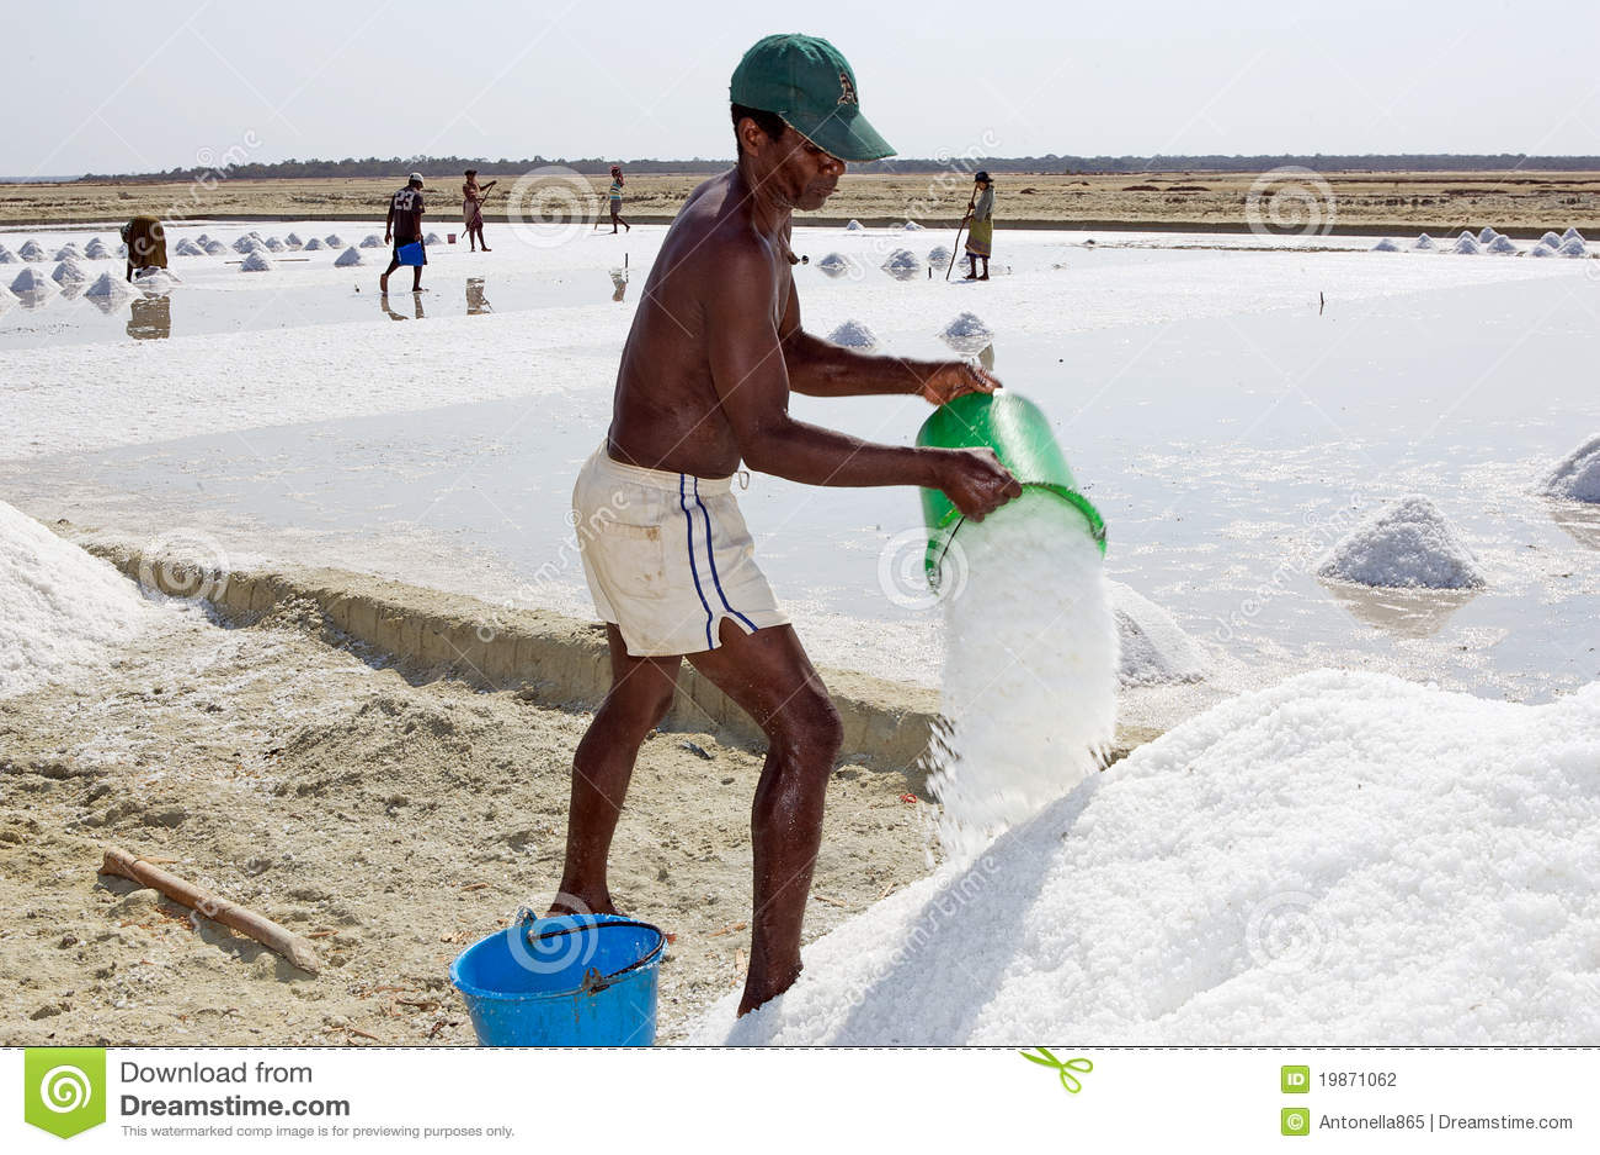 Crystallisation of salt